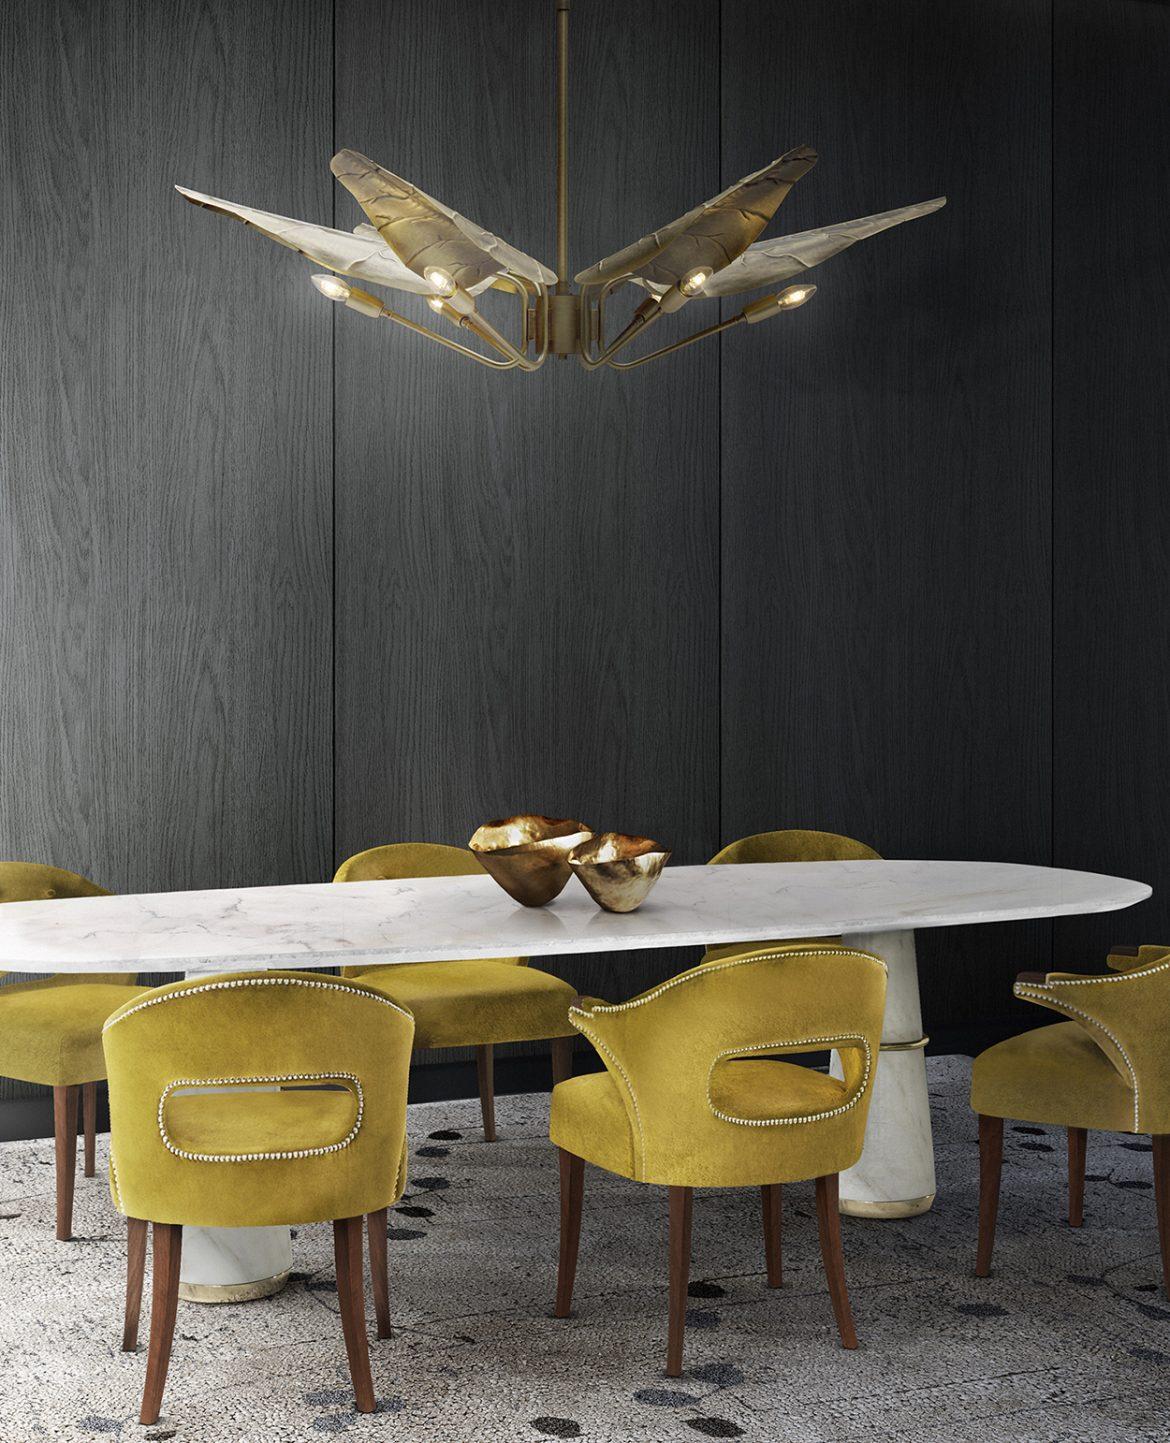 Light and building 2020: Das unglaubliche Kronleuchter-Design 00